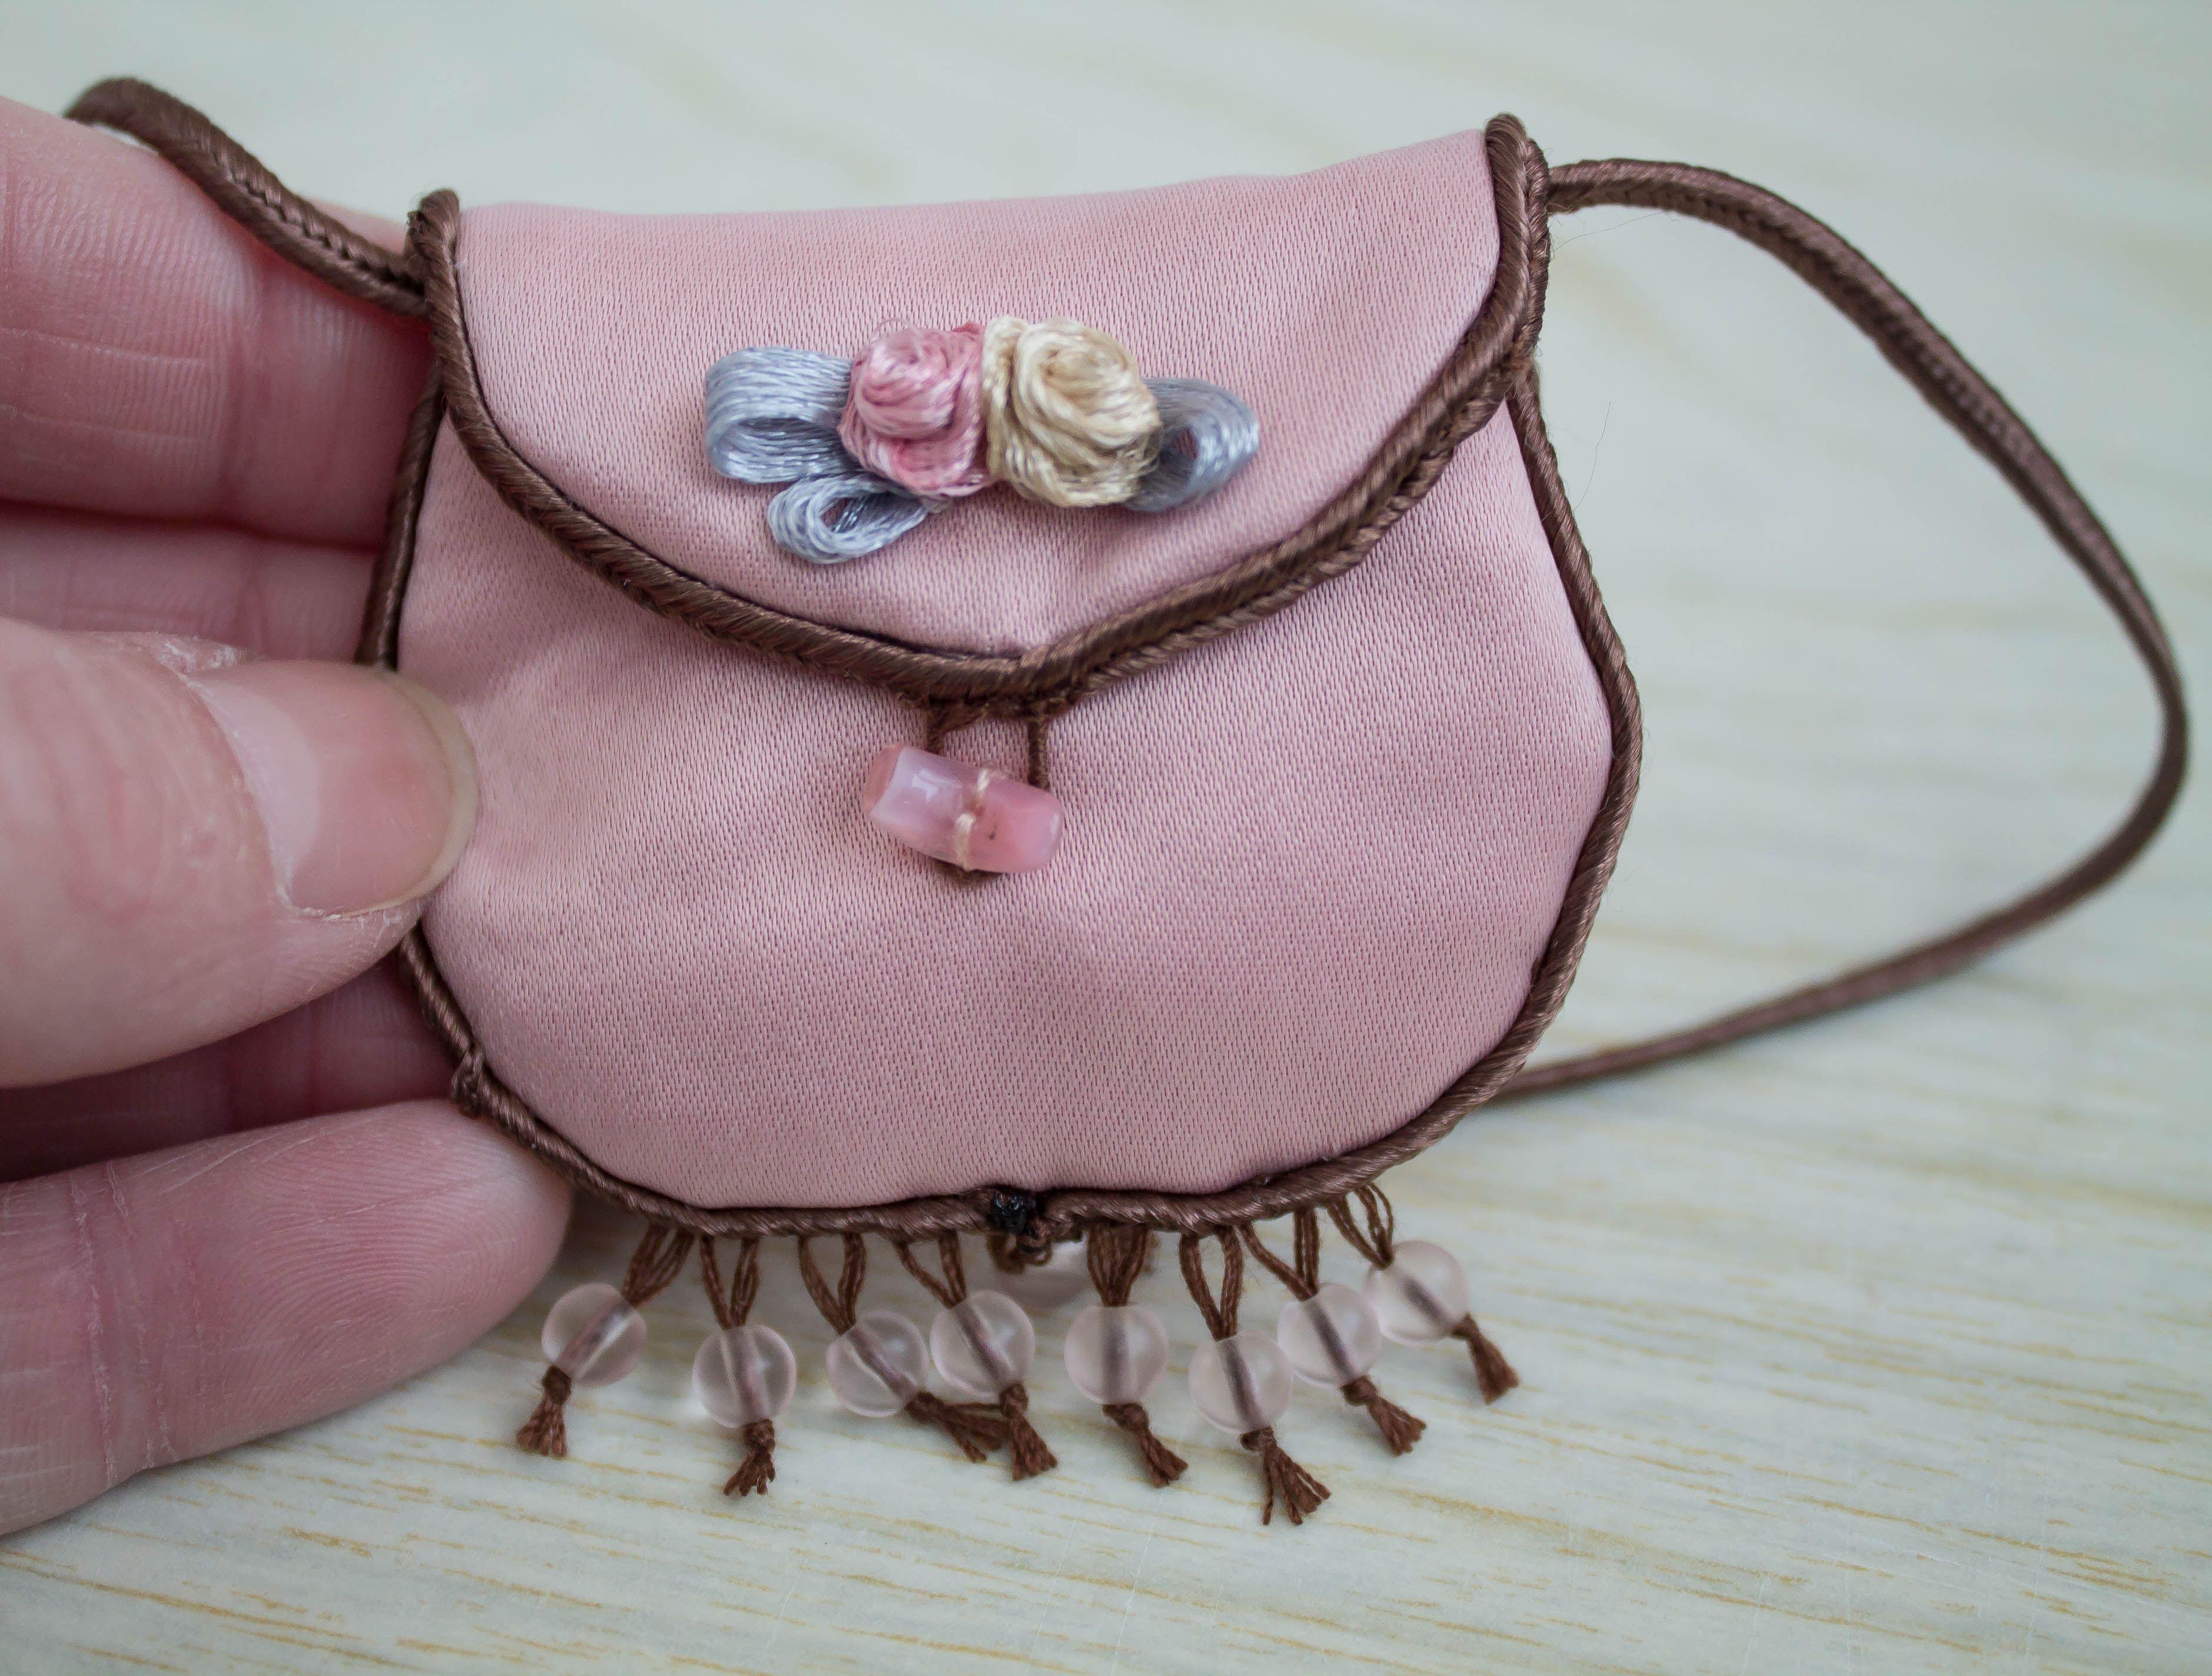 сумочка для куклы картинки такой ангел